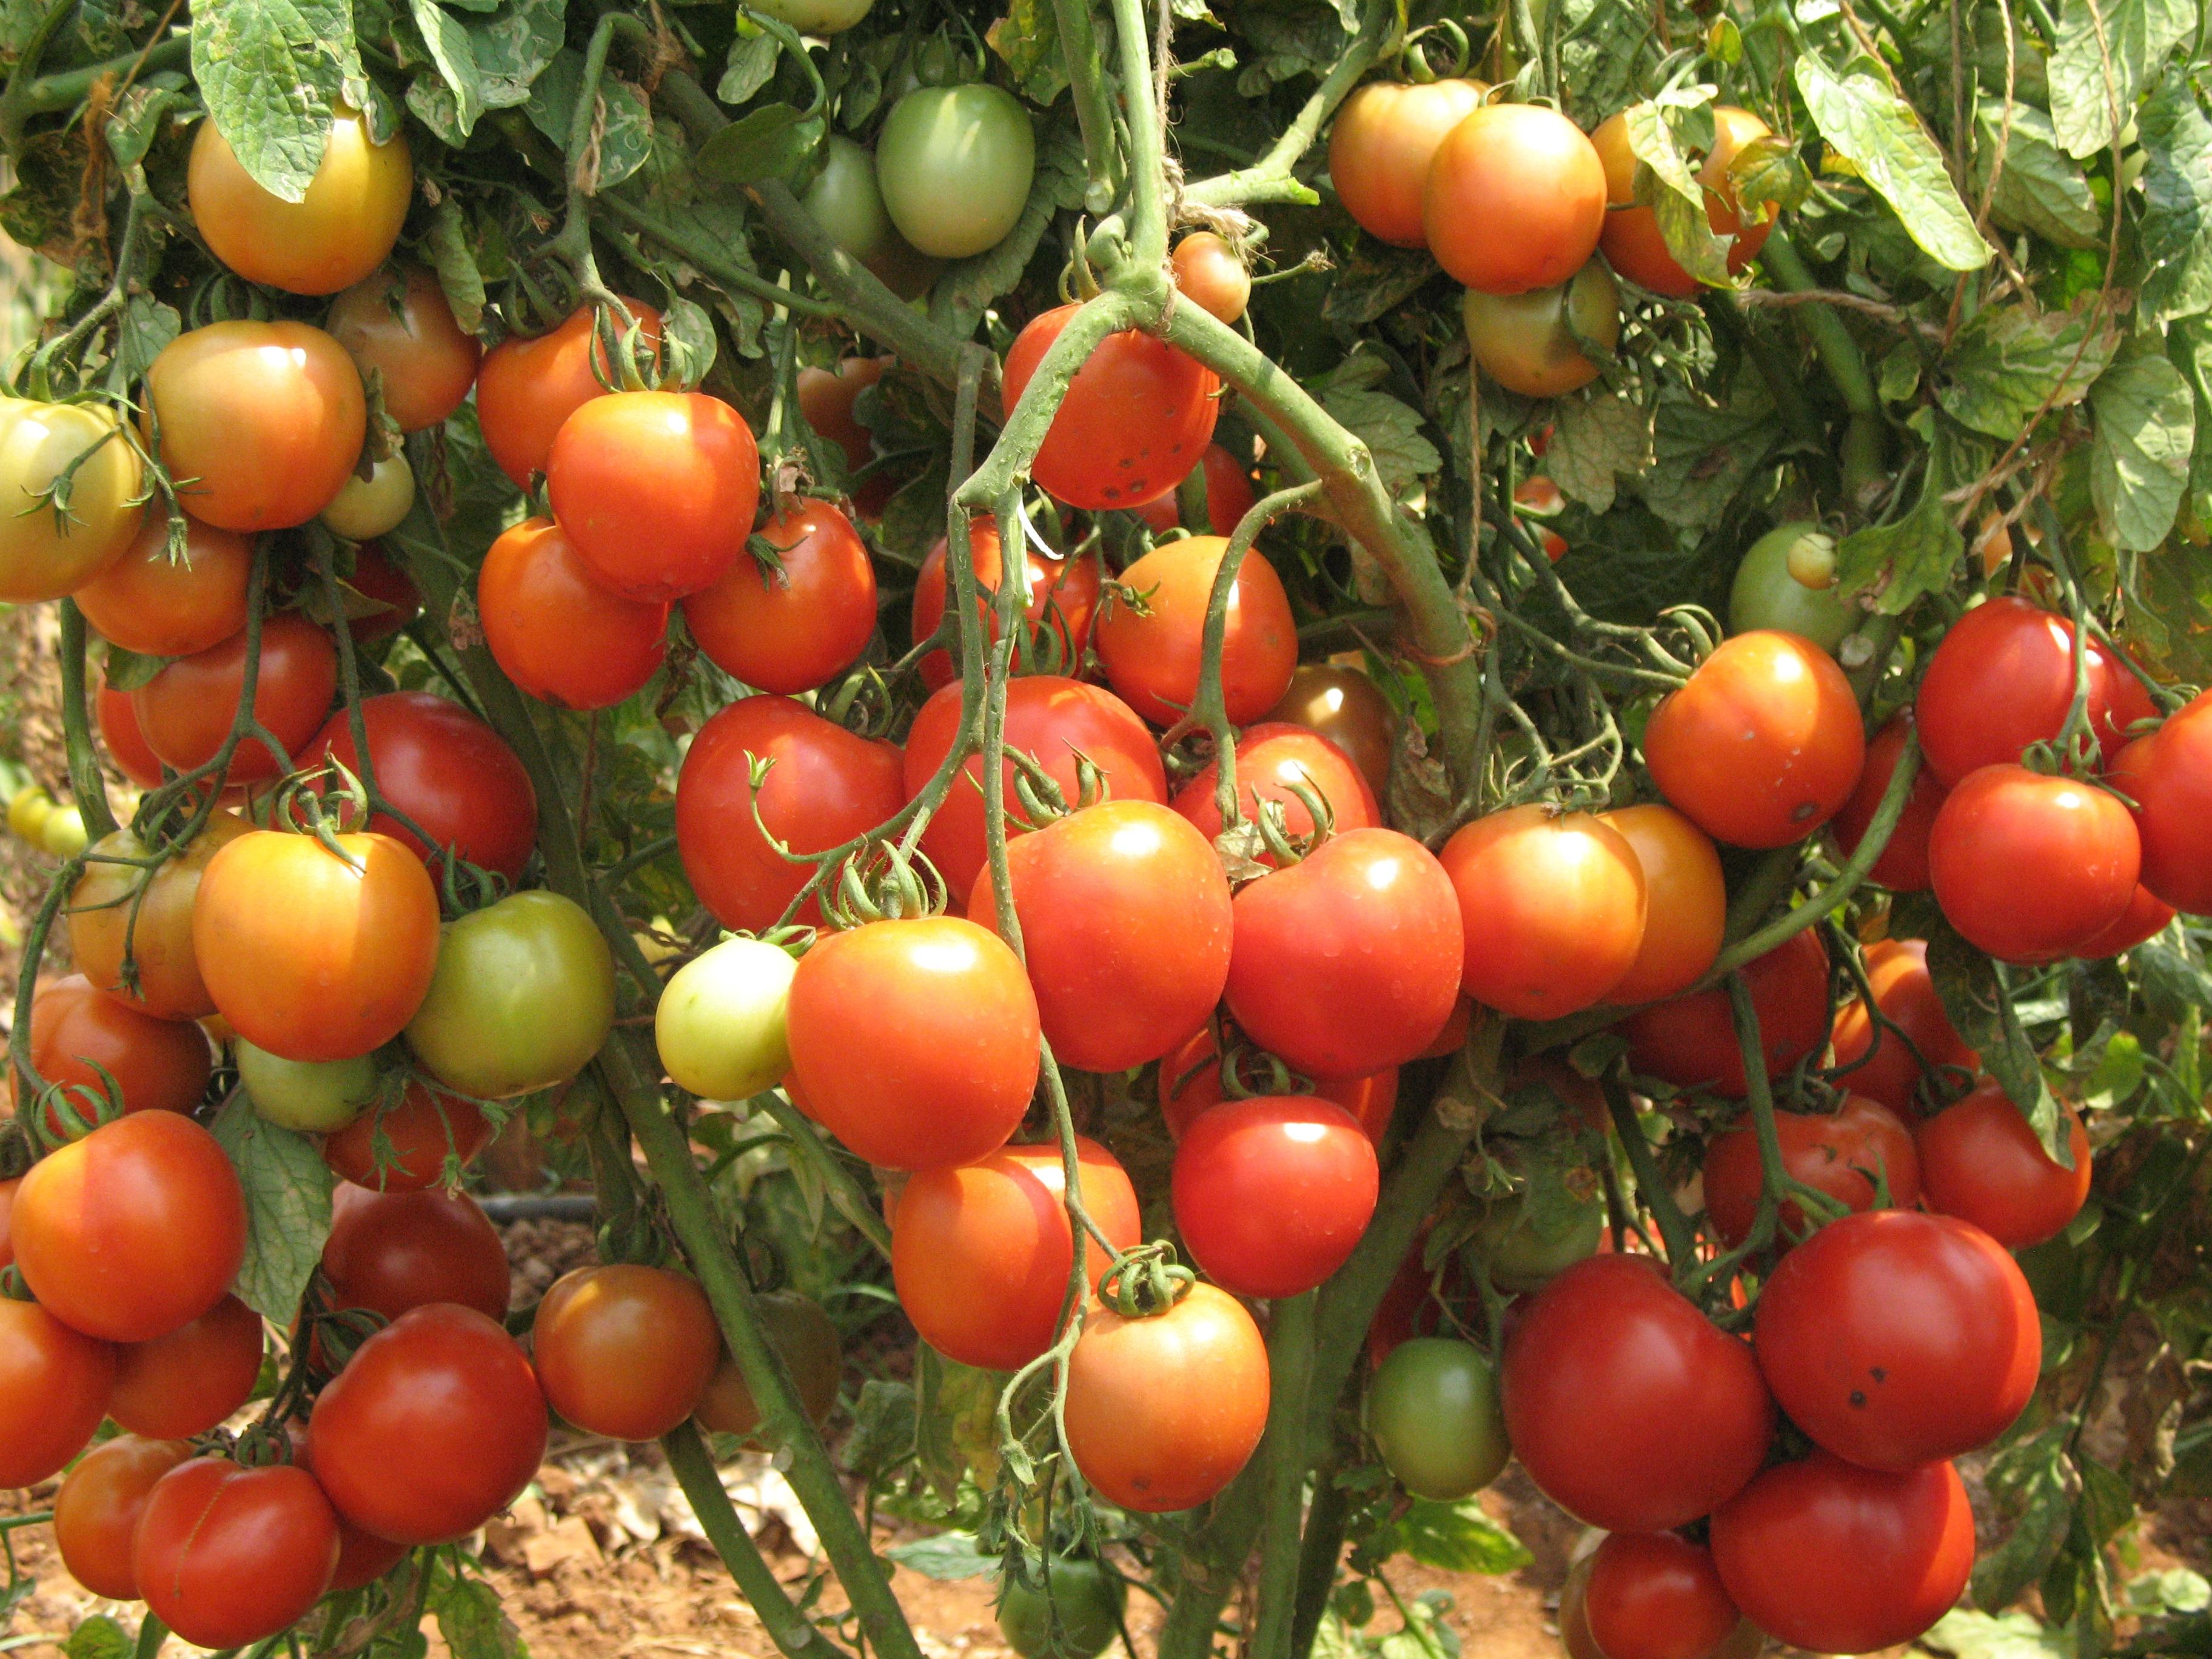 Tomato Photos